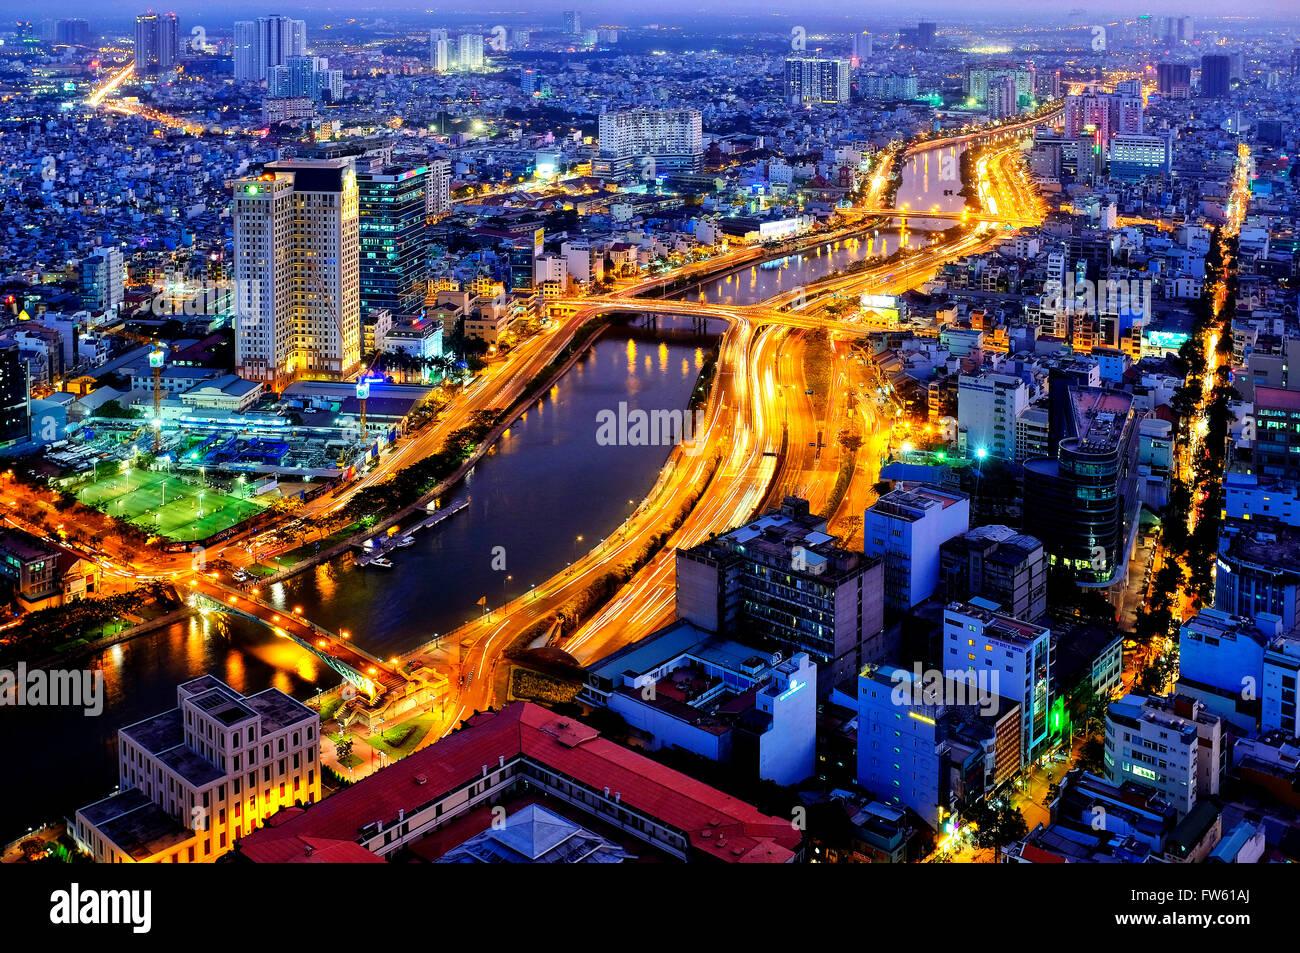 Vista aérea de la ciudad de Ho Chi Minh y el río Saigón, Ho Chi Minh, Vietnam Foto de stock